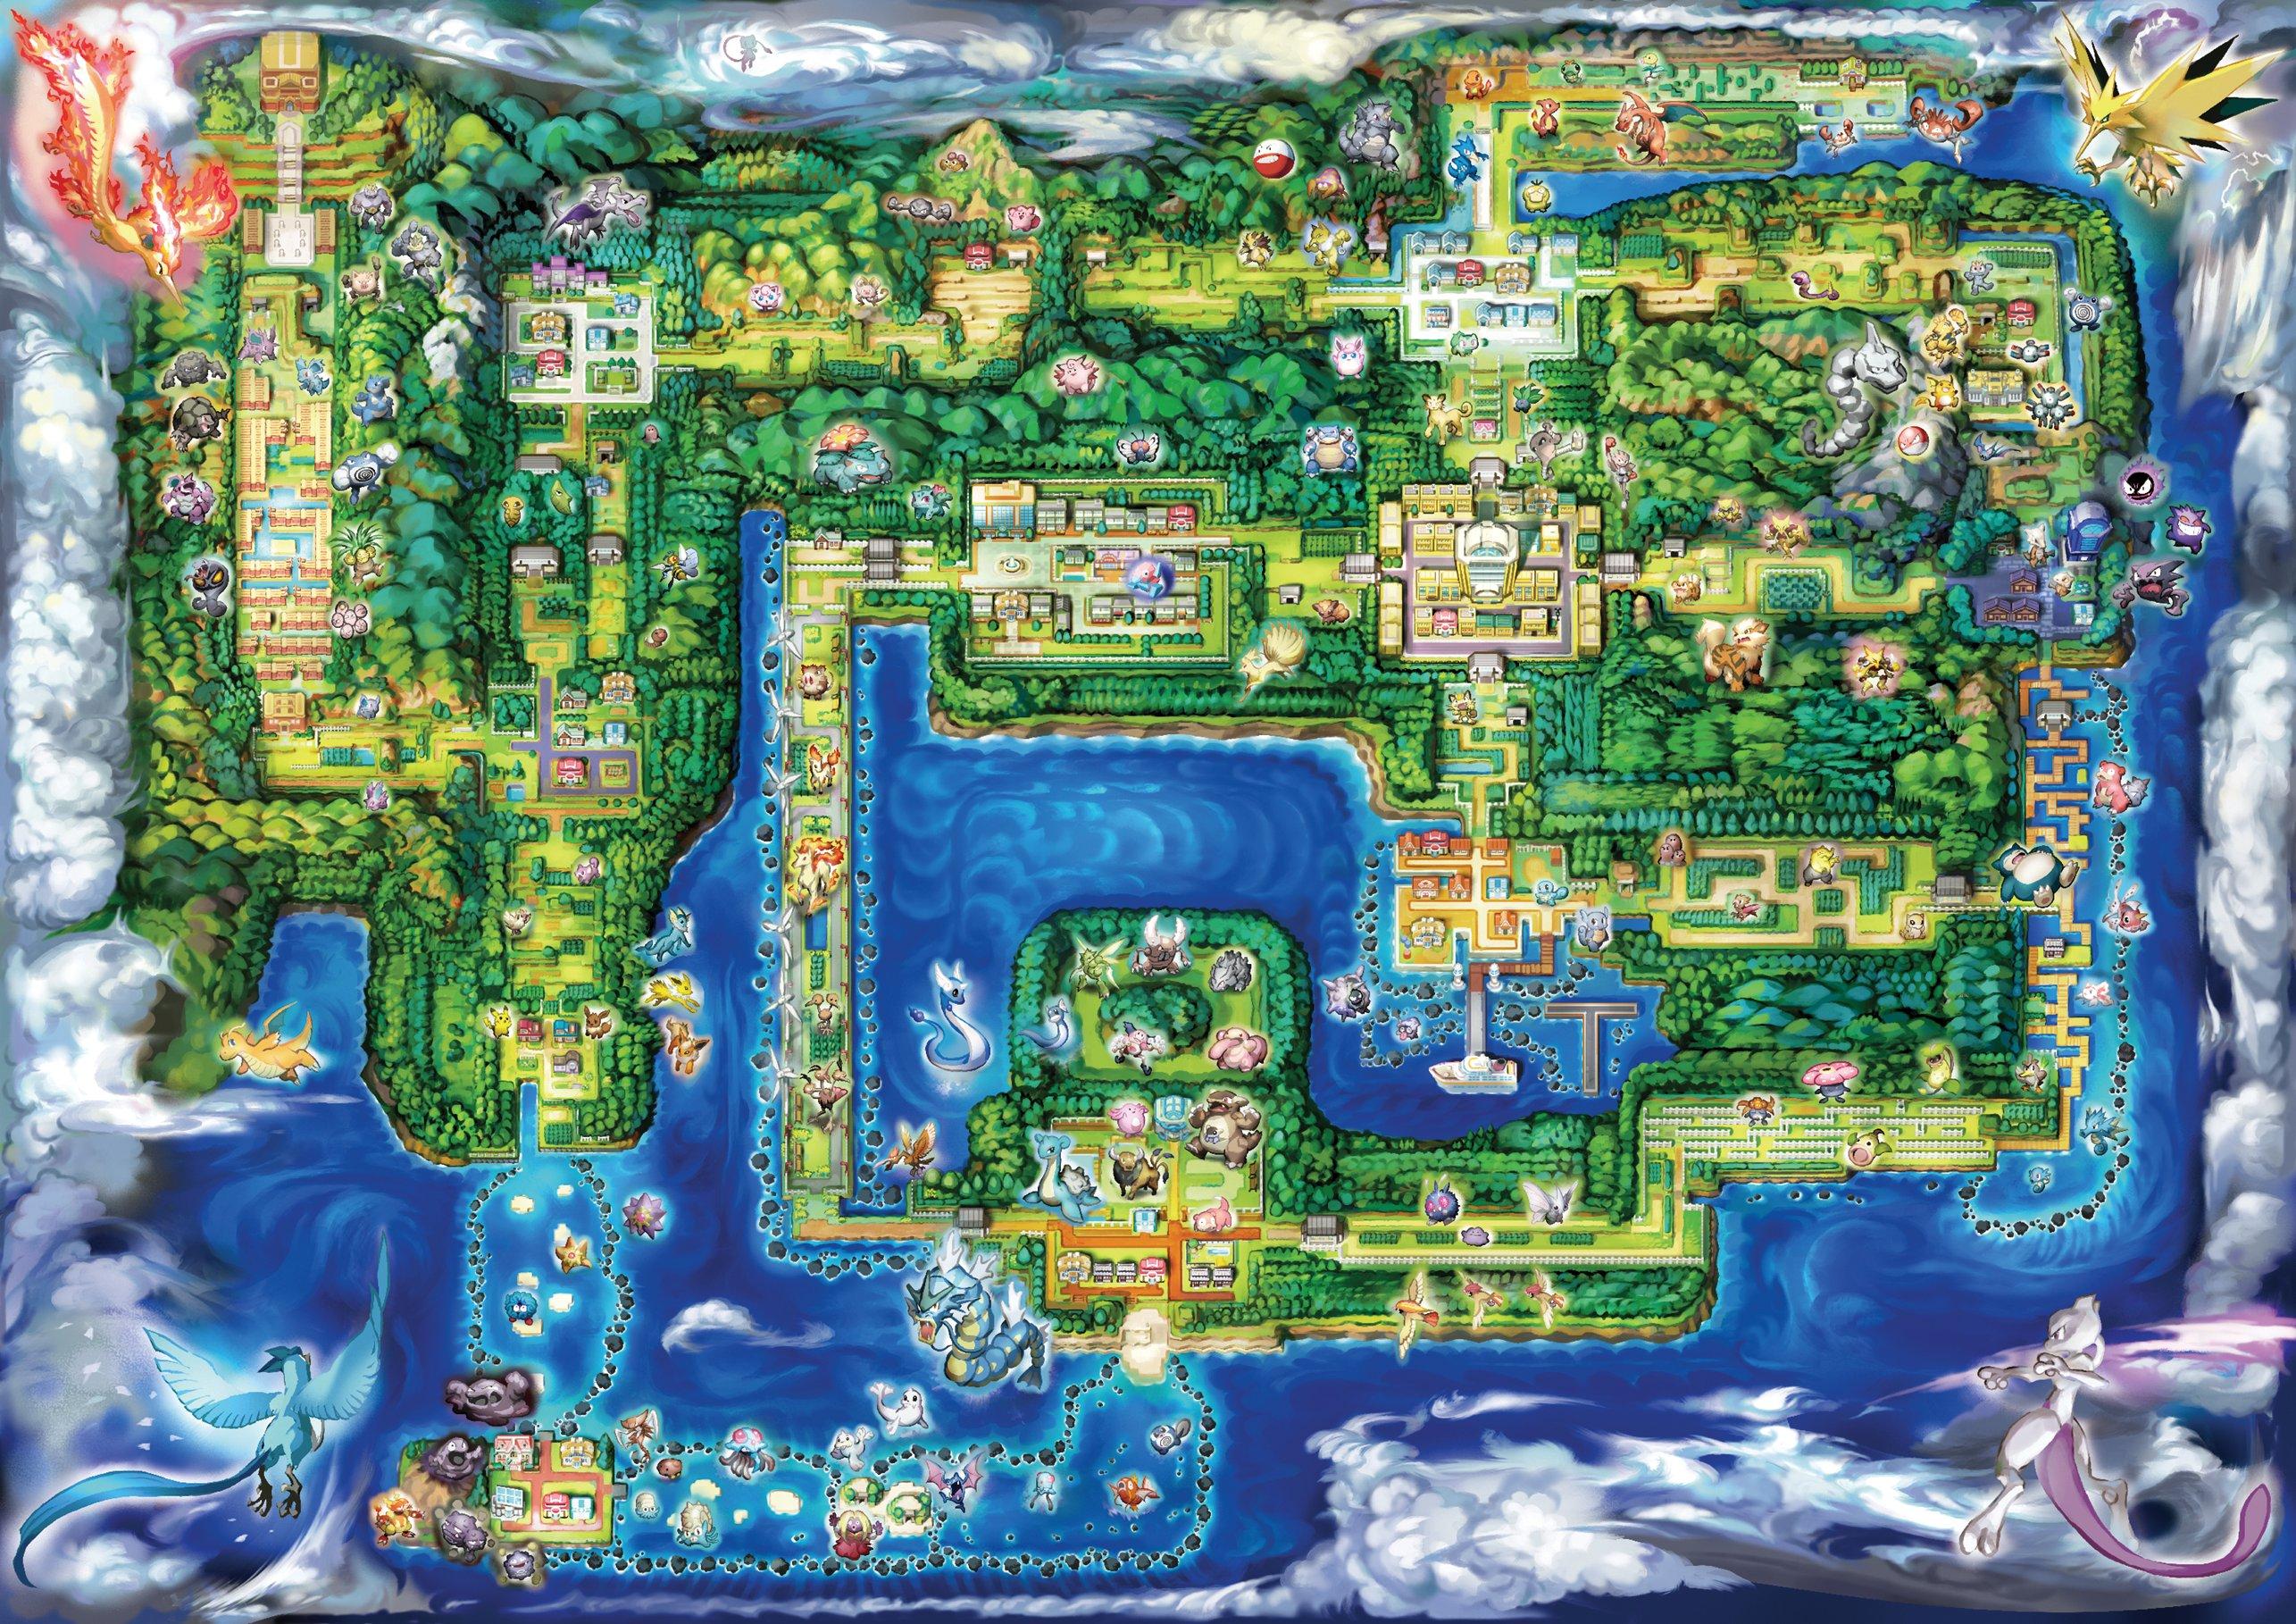 Pokemon Exclusivos De Pokemon Let S Go Eevee Y Let S Go Pikachu